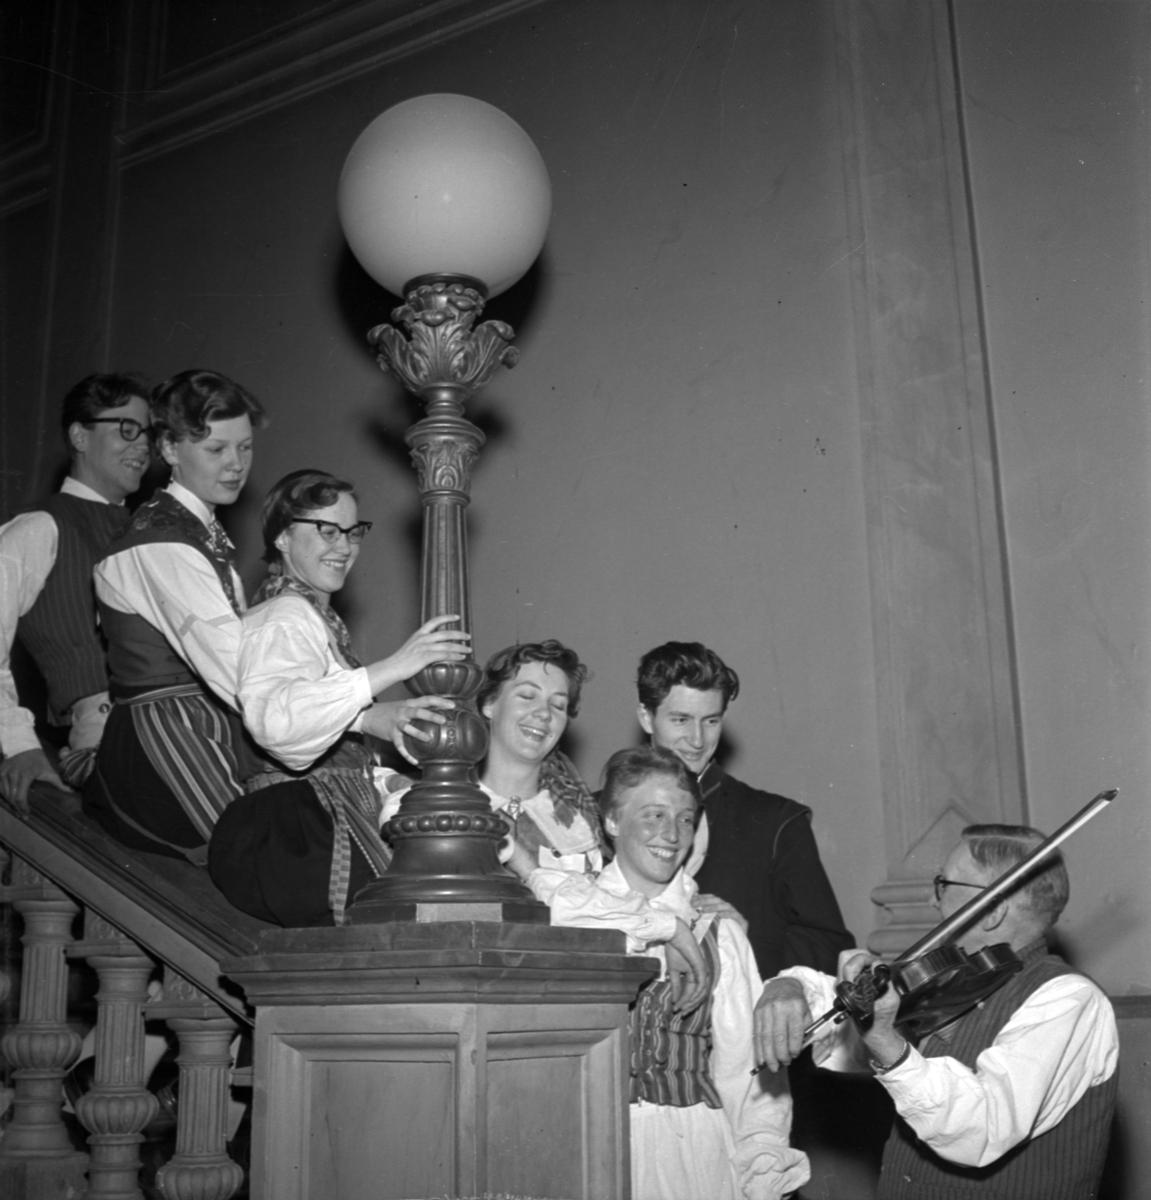 Folkdansföreningen Philochoros firar 75 års jubileum, Uppsala maj 1955